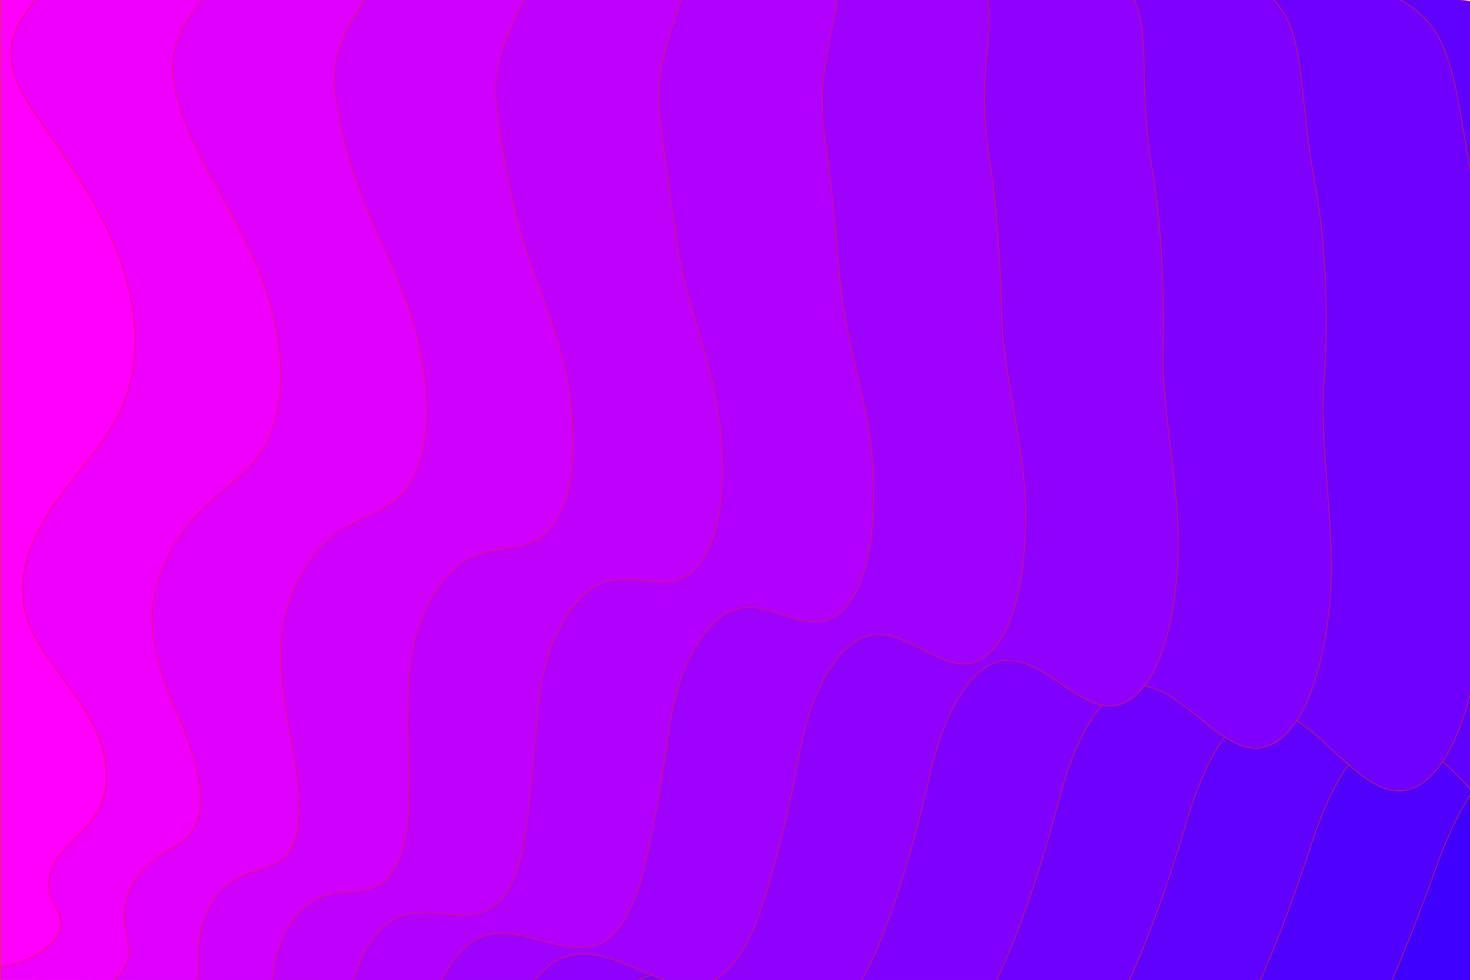 fond abstrait vague vecteur